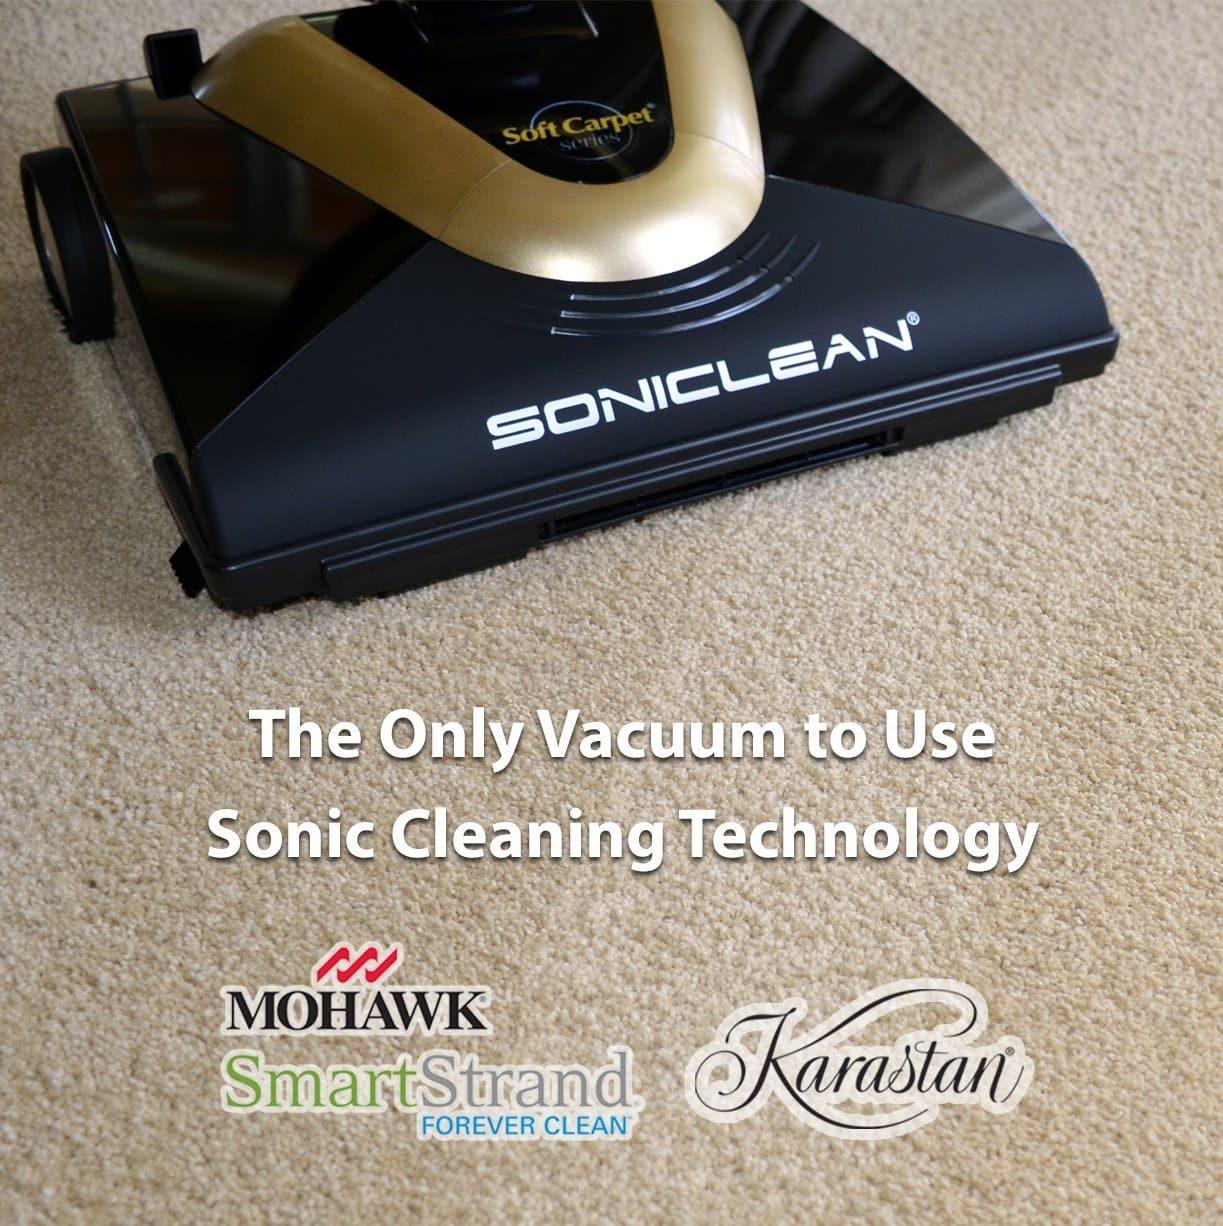 Mohawk Flooring Vacuum: Mohawk Soft Carpet Vacuum